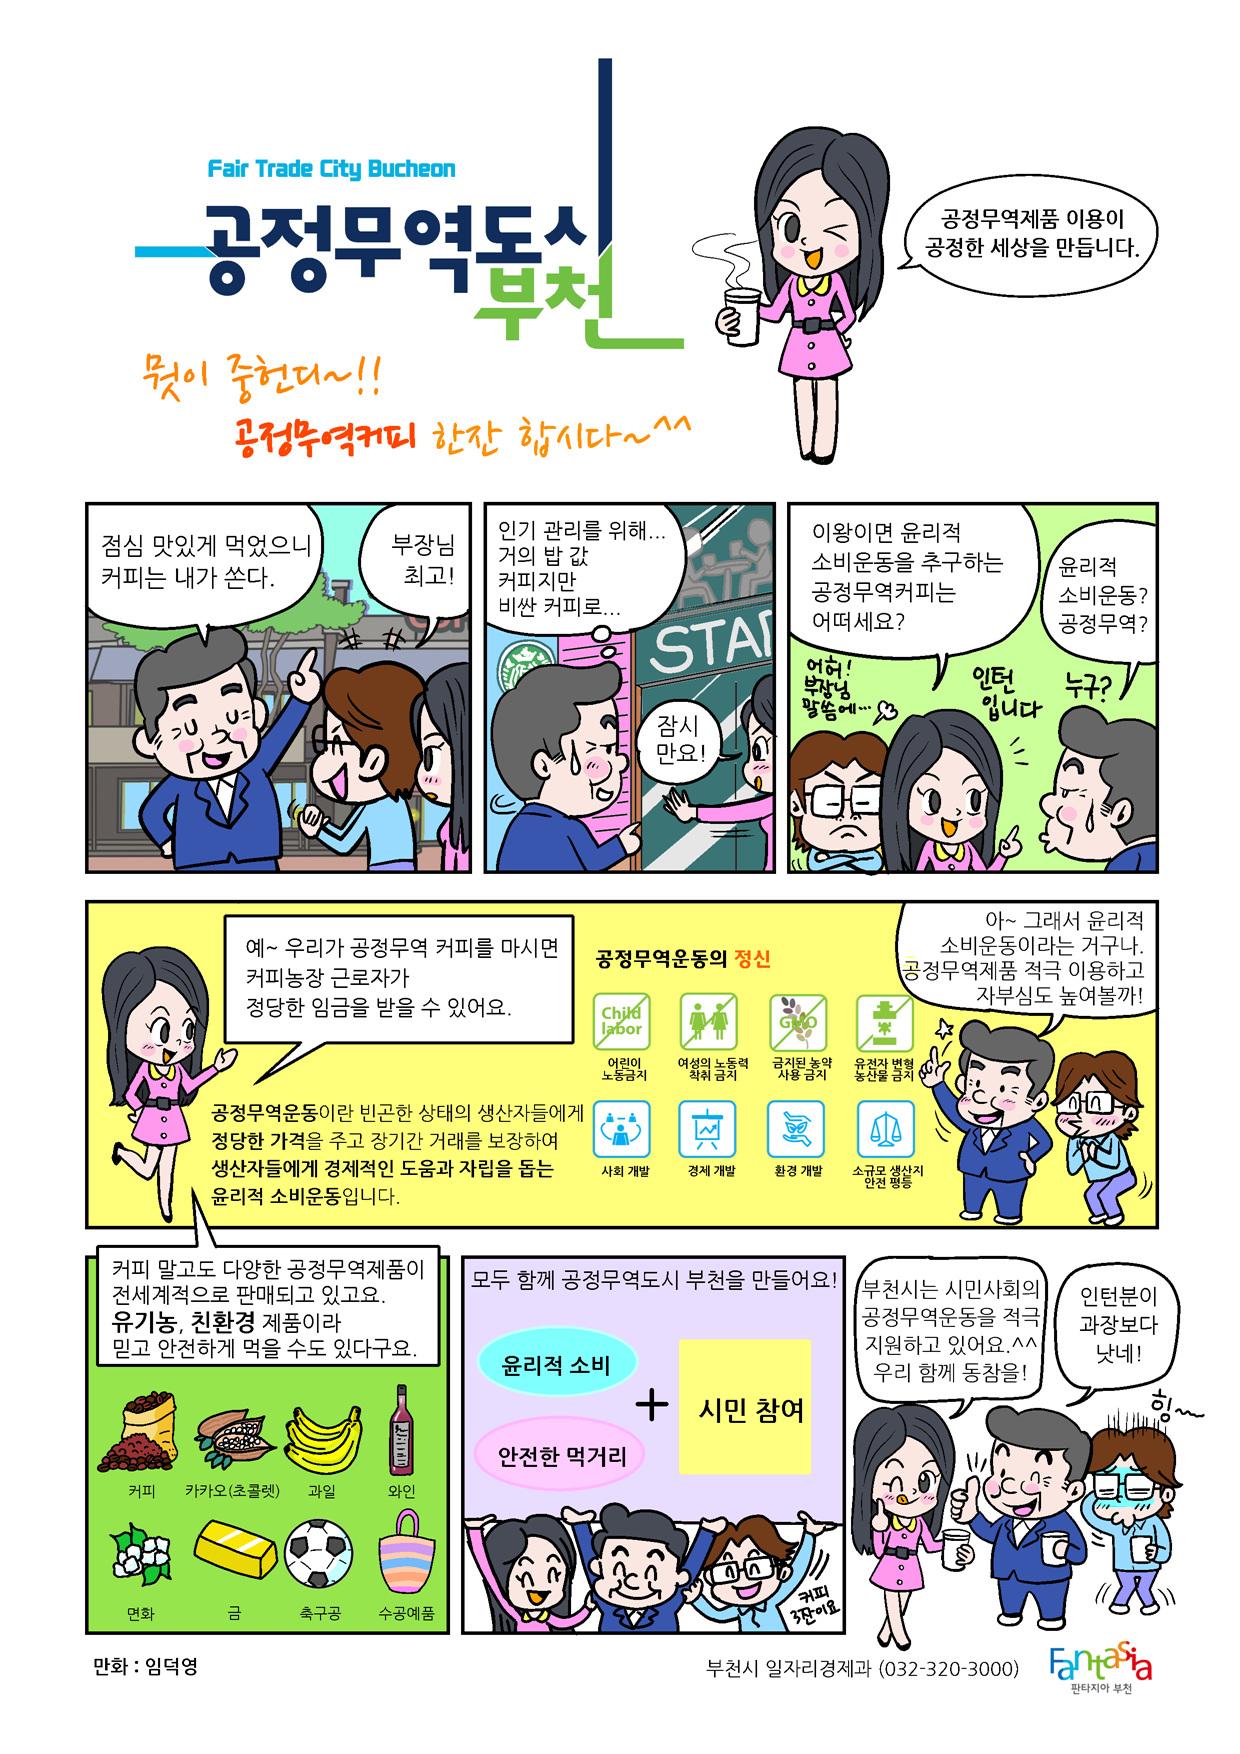 공정무역도시 부천 홍보